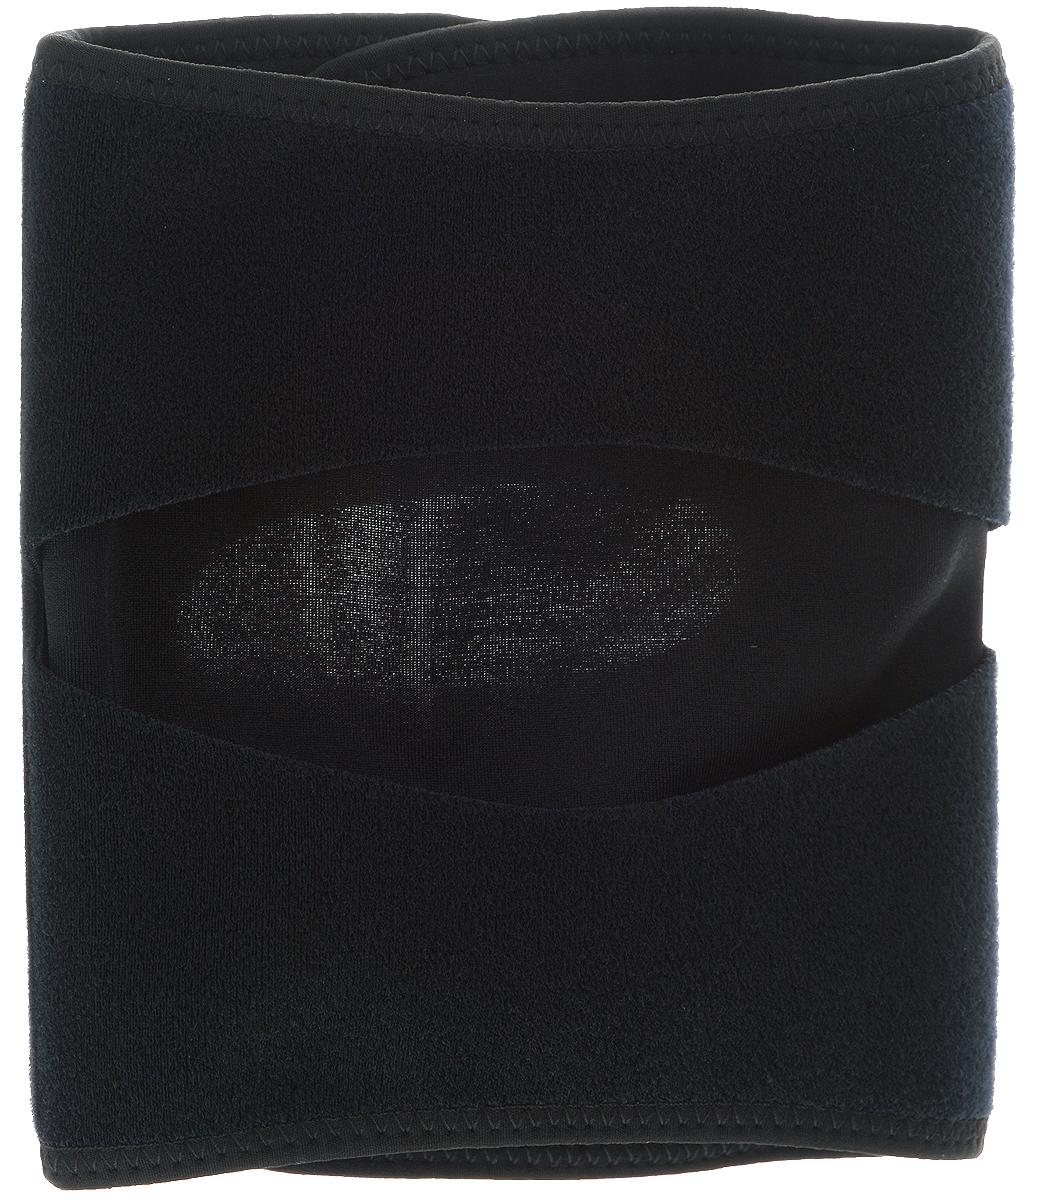 Суппорт колена Phiten Middle Type. Размер М (38-47 см)AIRWHEEL Q3-340WH-BLACKСуппорт колена Phiten Middle Type прекрасно фиксирует колено и держит чашечку. Он также снимает связанную с мышечными спазмами боль и перетренированность мышц. Сдавливание при длительном ношении с лихвой компенсируется тонусом сосудов. Пропитка из акватитана и аквапалладия обеспечивает противоотечный эффект, способствует снятию боли и напряжения и скорейшему восстановлению. Показания к применению: все виды воспаления коленного сустава, растяжение мышц и связок коленного сустава, бурситы, хронические дегенеративные заболевания суставов, артроз коленного сустава, артрит и остеоартрит, пателлофеморальный болевой синдром. Суппорт обеспечивает мягкую фиксацию сустава, активное воздействие на проприоцепторы, снятие суставного, связочного и мышечного напряжения, облегчение болевых ощущений. Действие уникальных материалов по улучшению кровообращения в тканях помогает избежать проблемы сдавливания, возникающей при частом ношении суппорта.Материал: наружная часть: 93% нейлон, 7% полиуретан; внутренняя часть: 80% нейлон, 20% полиуретан; липучка: 100% нейлон; акватитан, аквапалладий. Обхват колена: 38-47 см.